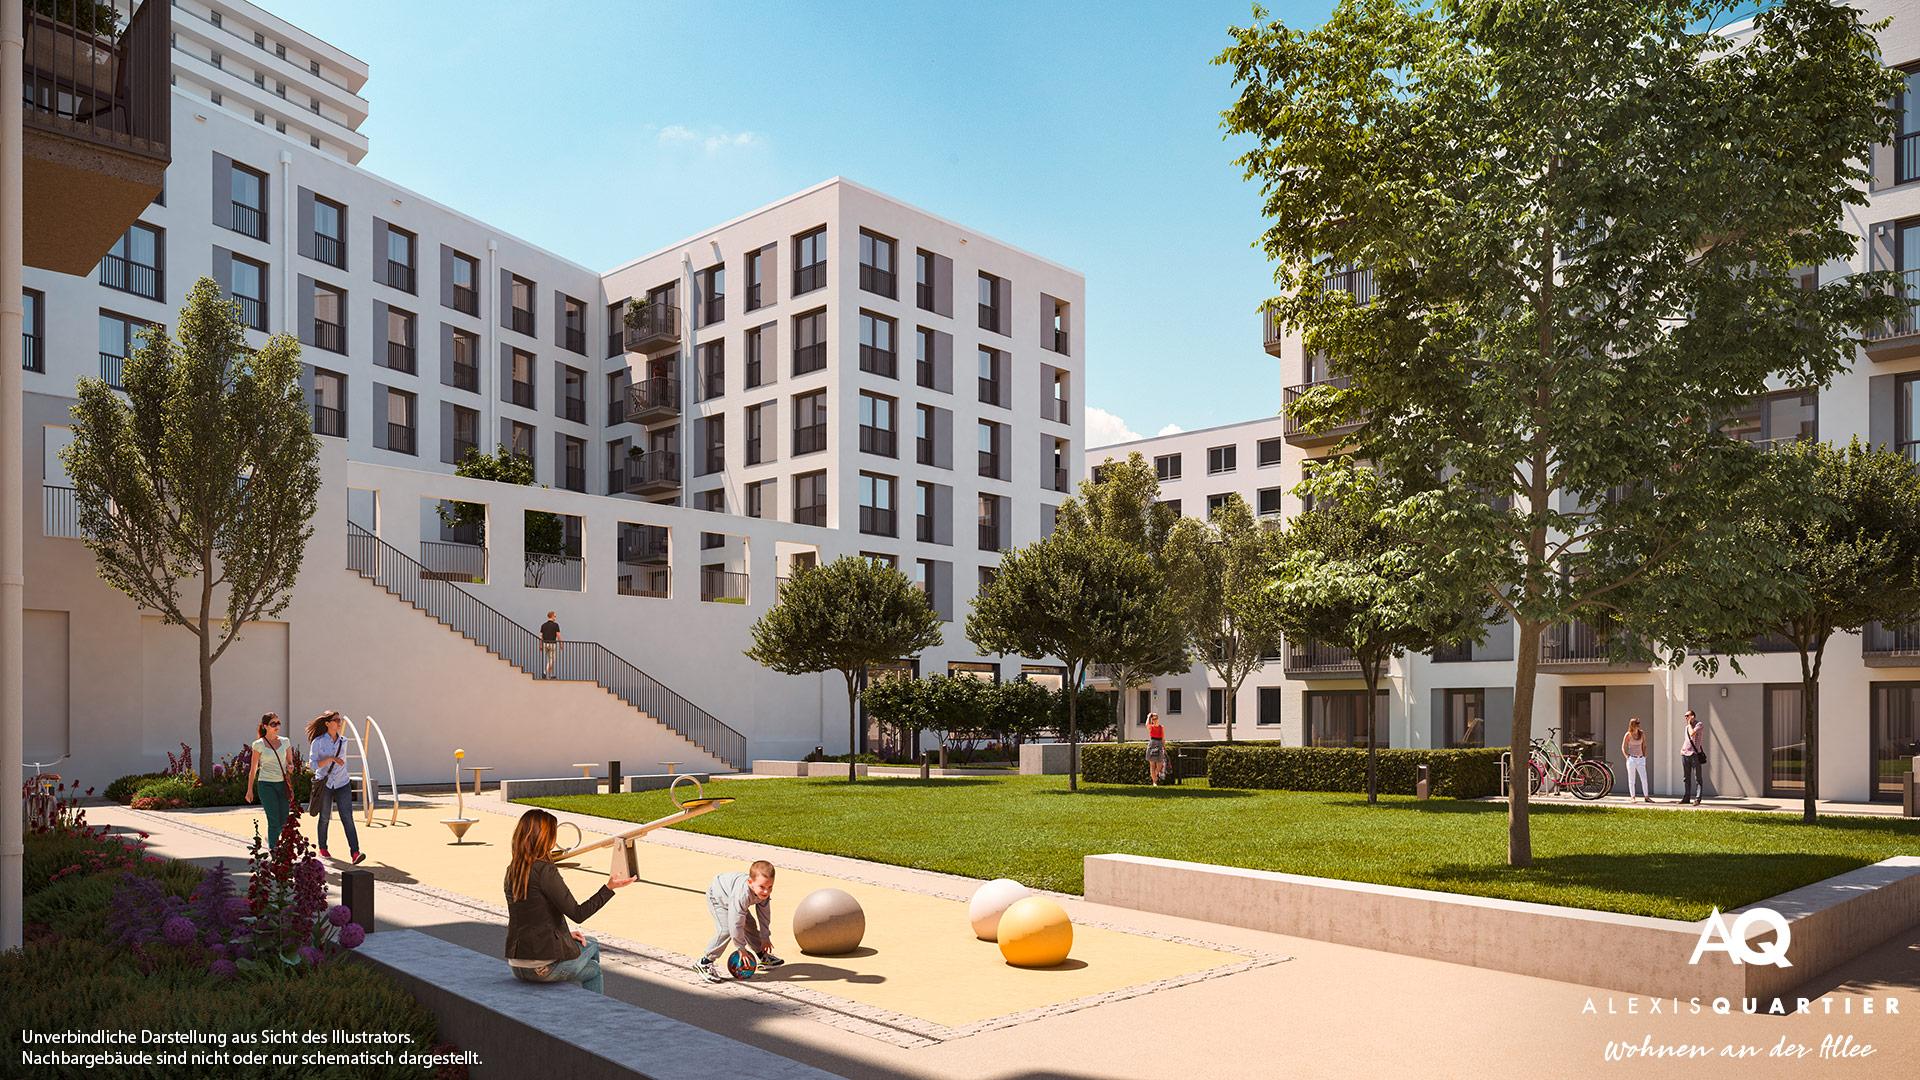 Immobilie Alexisquartier - Wohnen an der Allee - Illustration 5